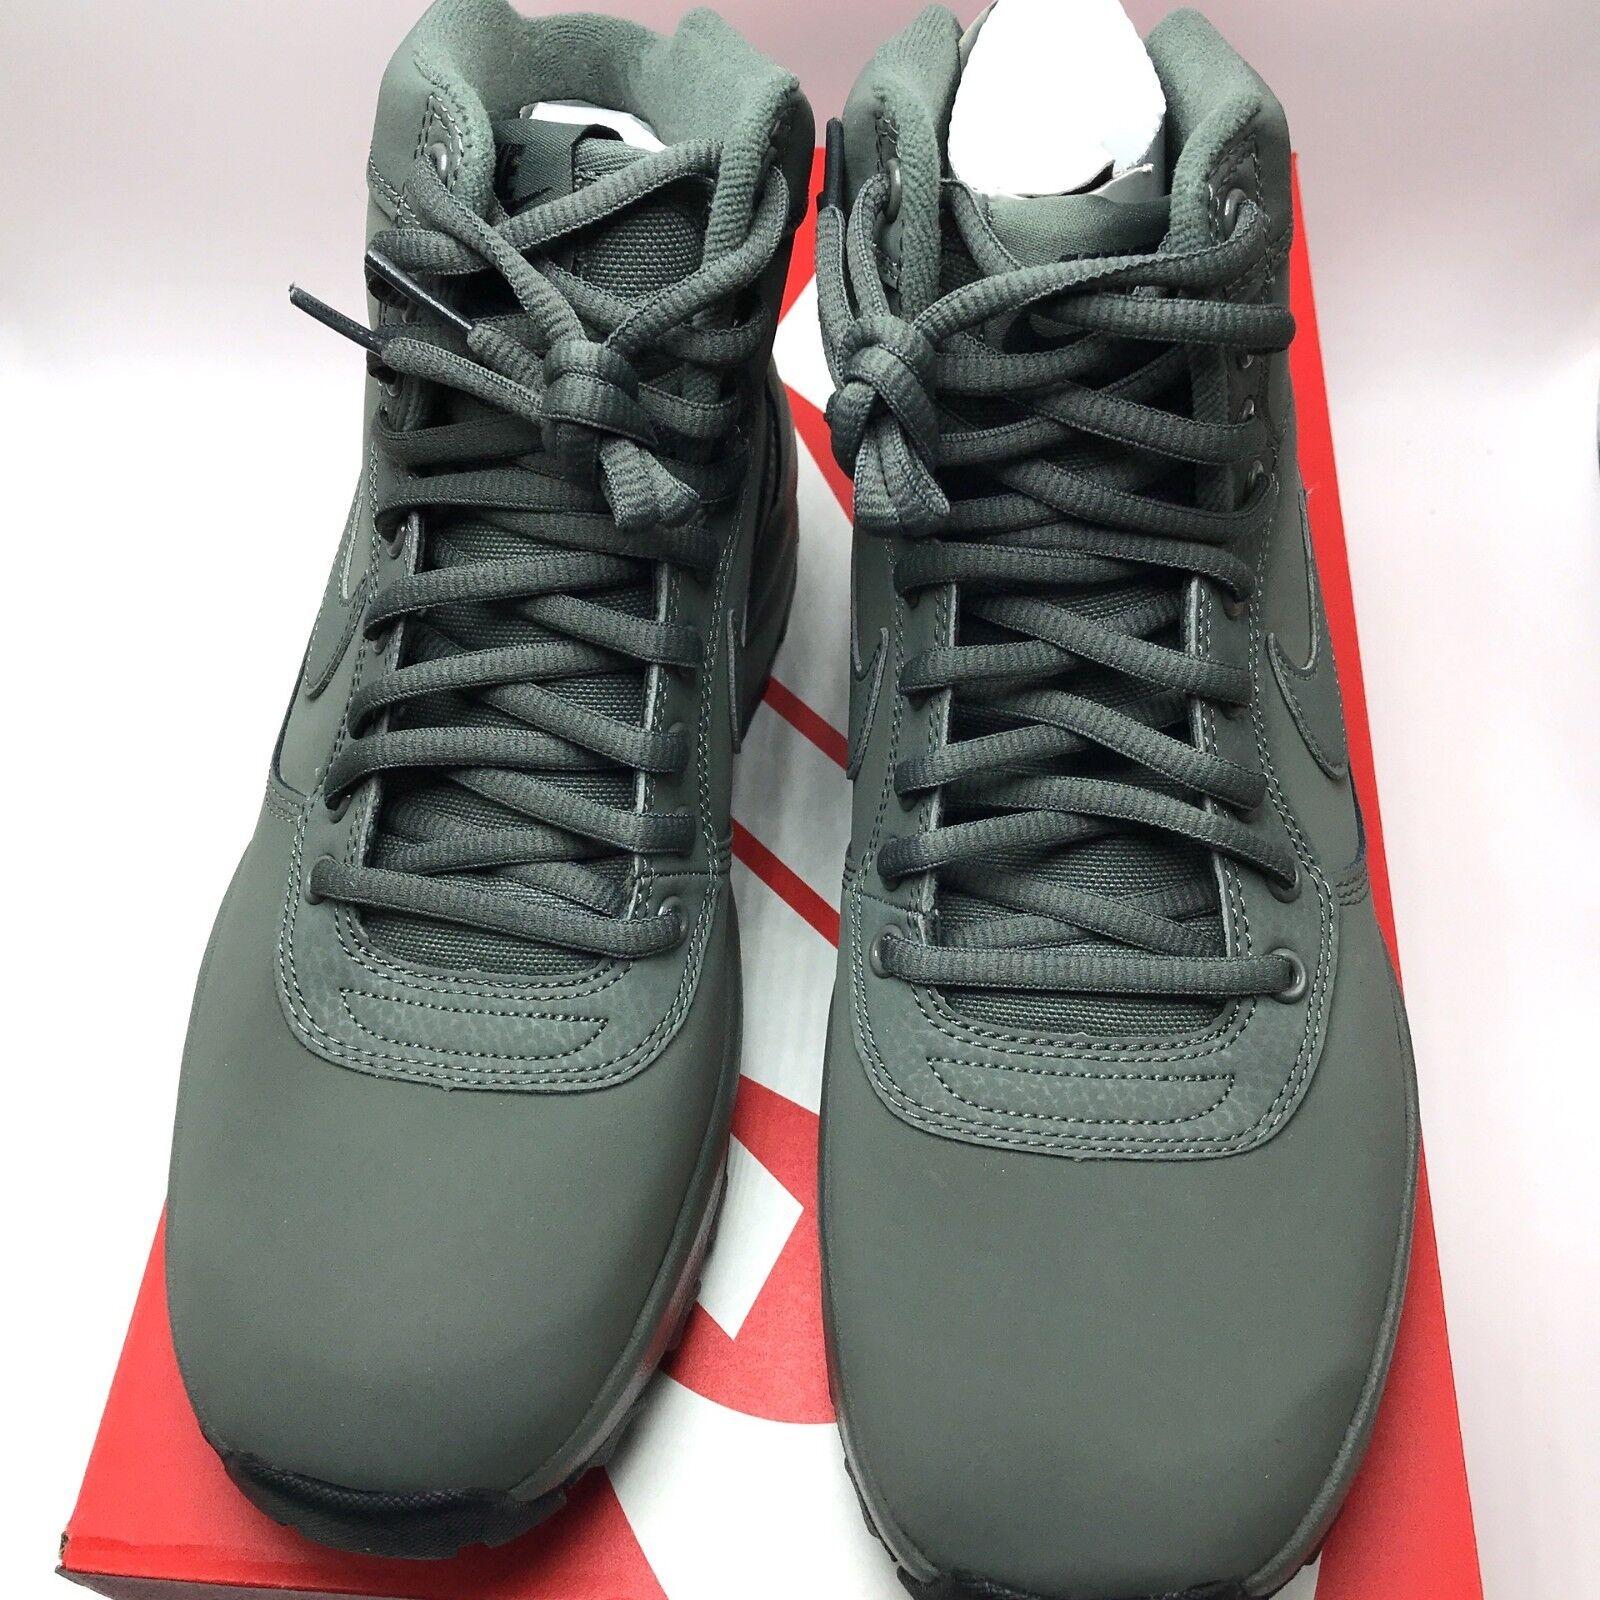 Nike Manoadome Uomo scarpe River River Rock     River scarpe Rock Nero   faaa41